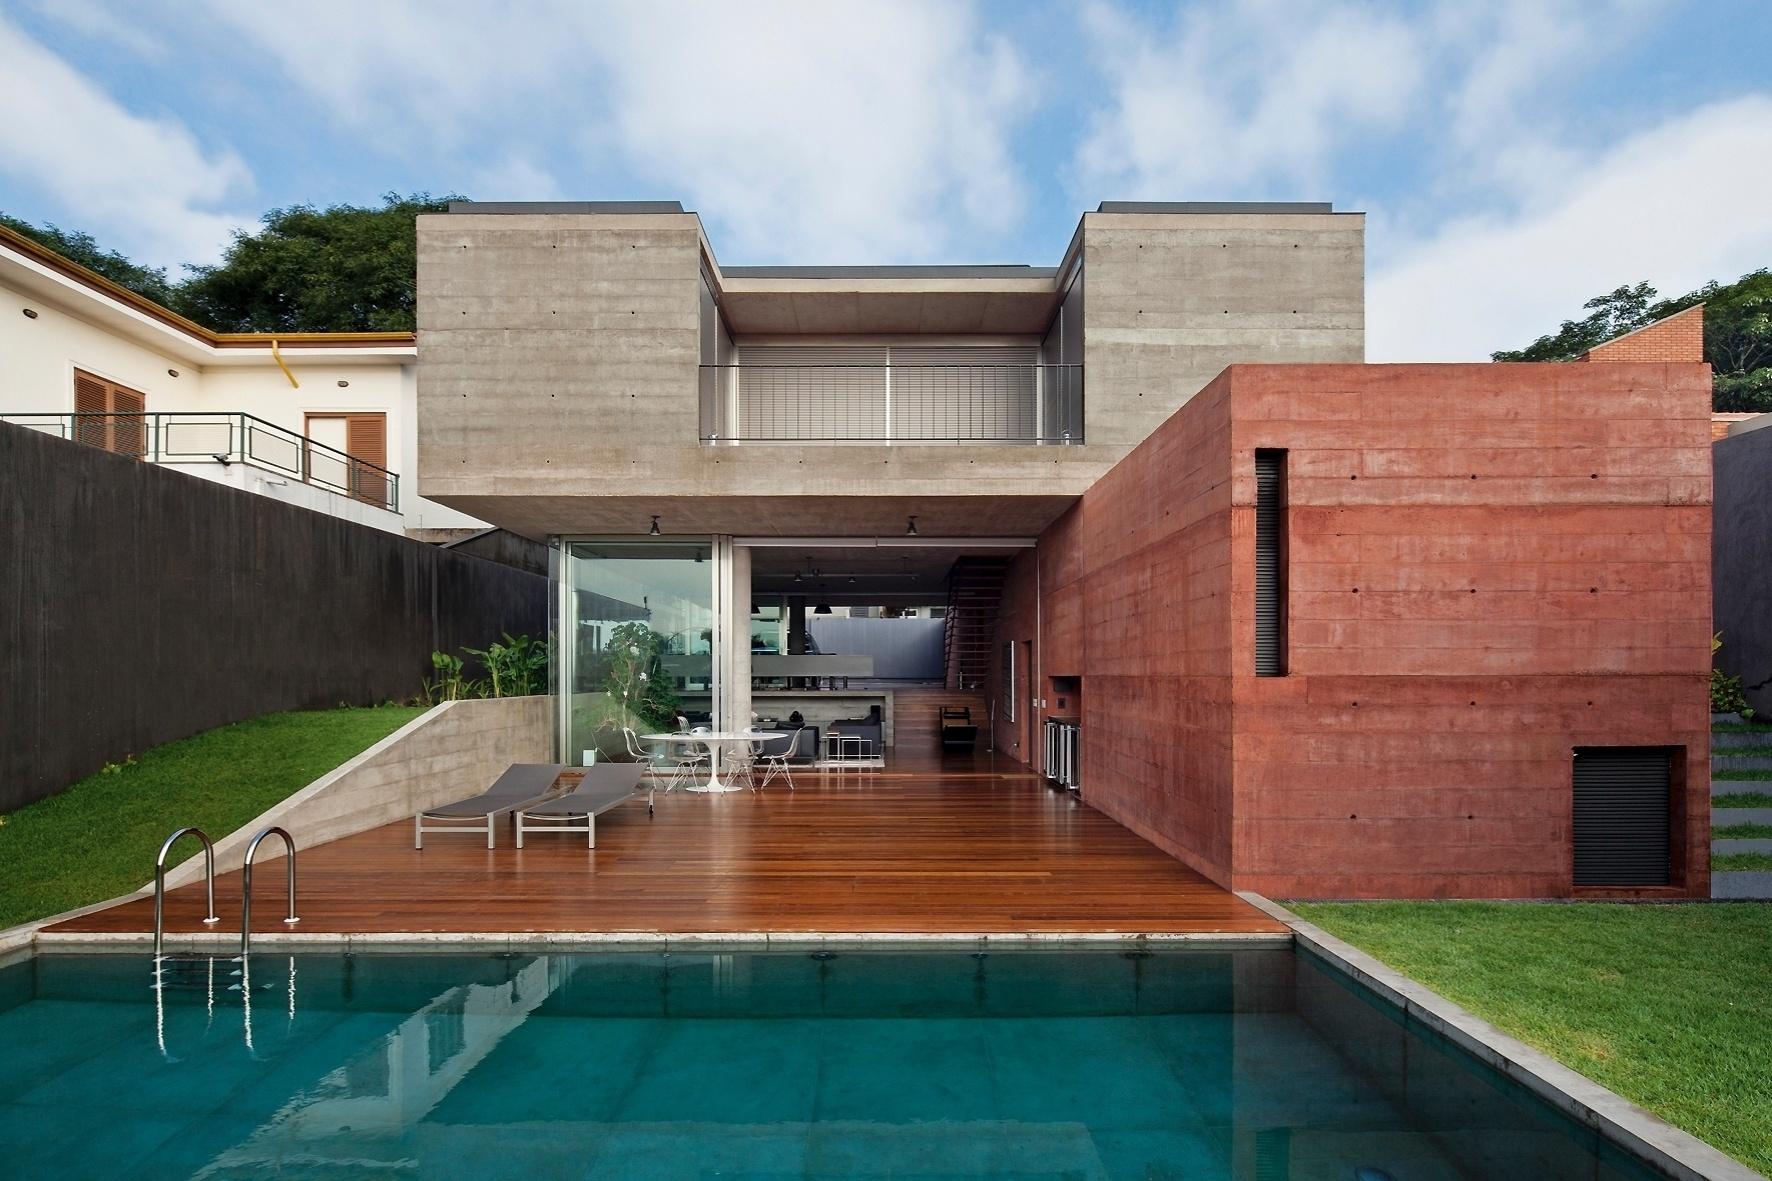 O piso de madeira que percorre toda a casa culmina no deck da piscina implantada na parte de trás do terreno. A Casa Boaçava foi projetada pelos arquitetos do escritório Una para um casal de advogados com filhos e residente em São Paulo